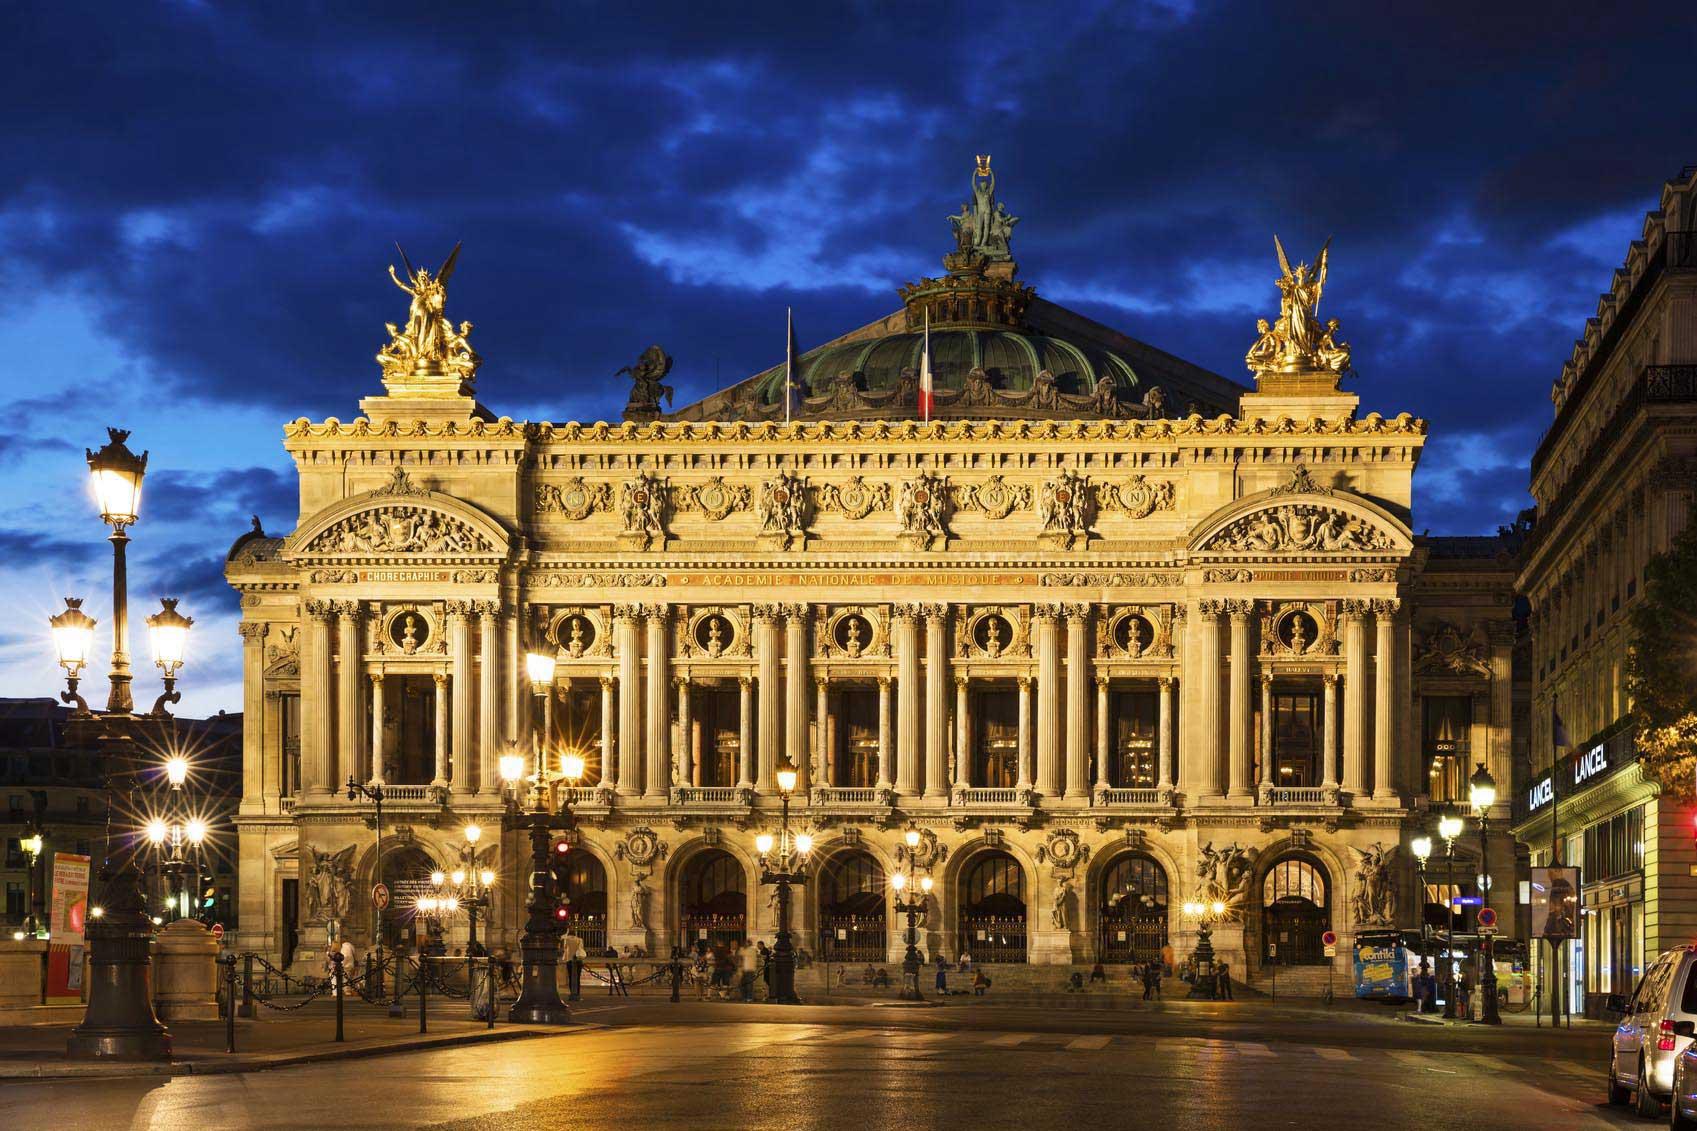 Une vue de nuit de l'Opéra National de Paris